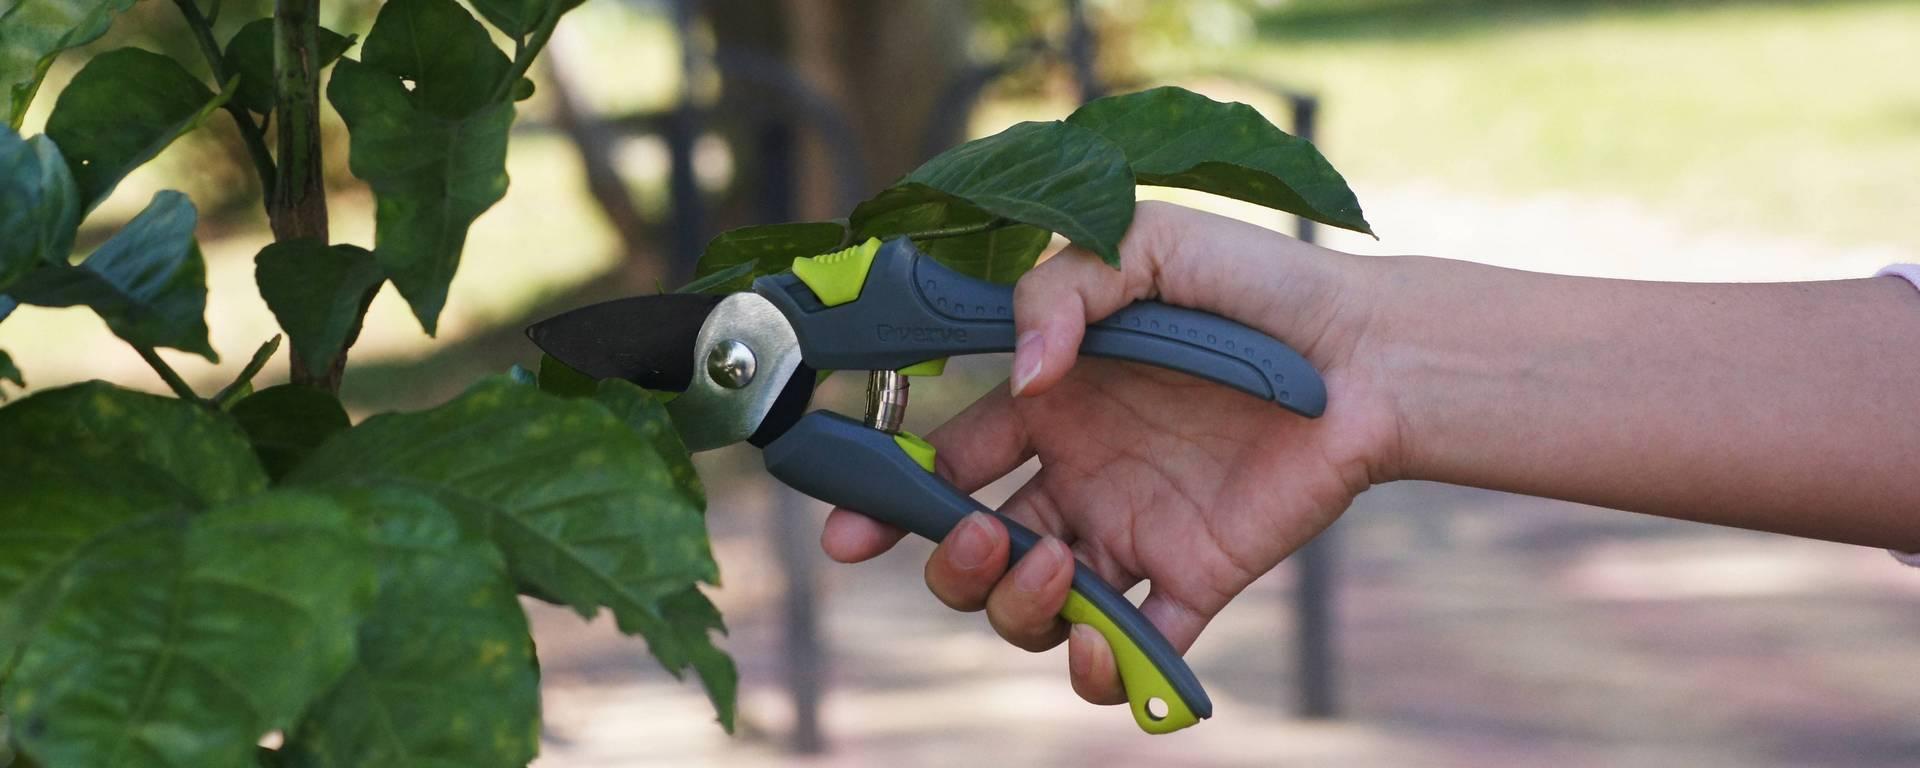 Sistemul de irigare – un ajutor de nădejde în grădina ta